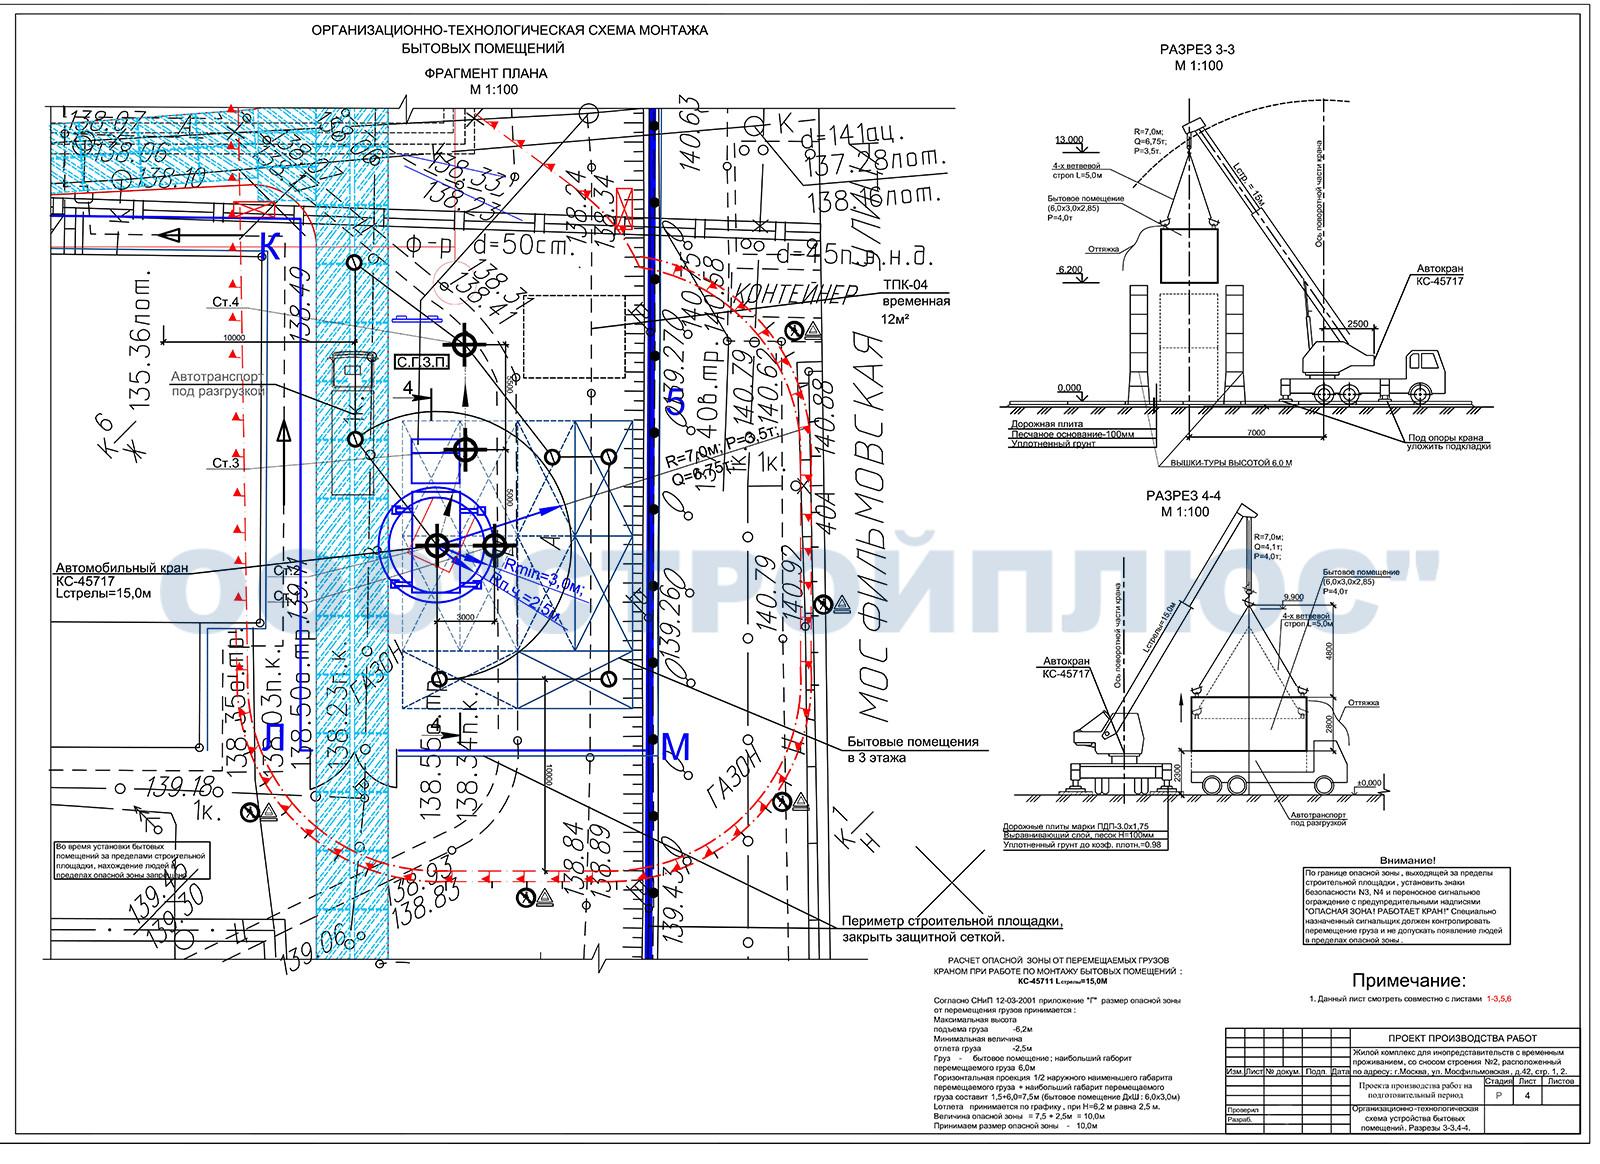 Организационно-технологическая схема состав